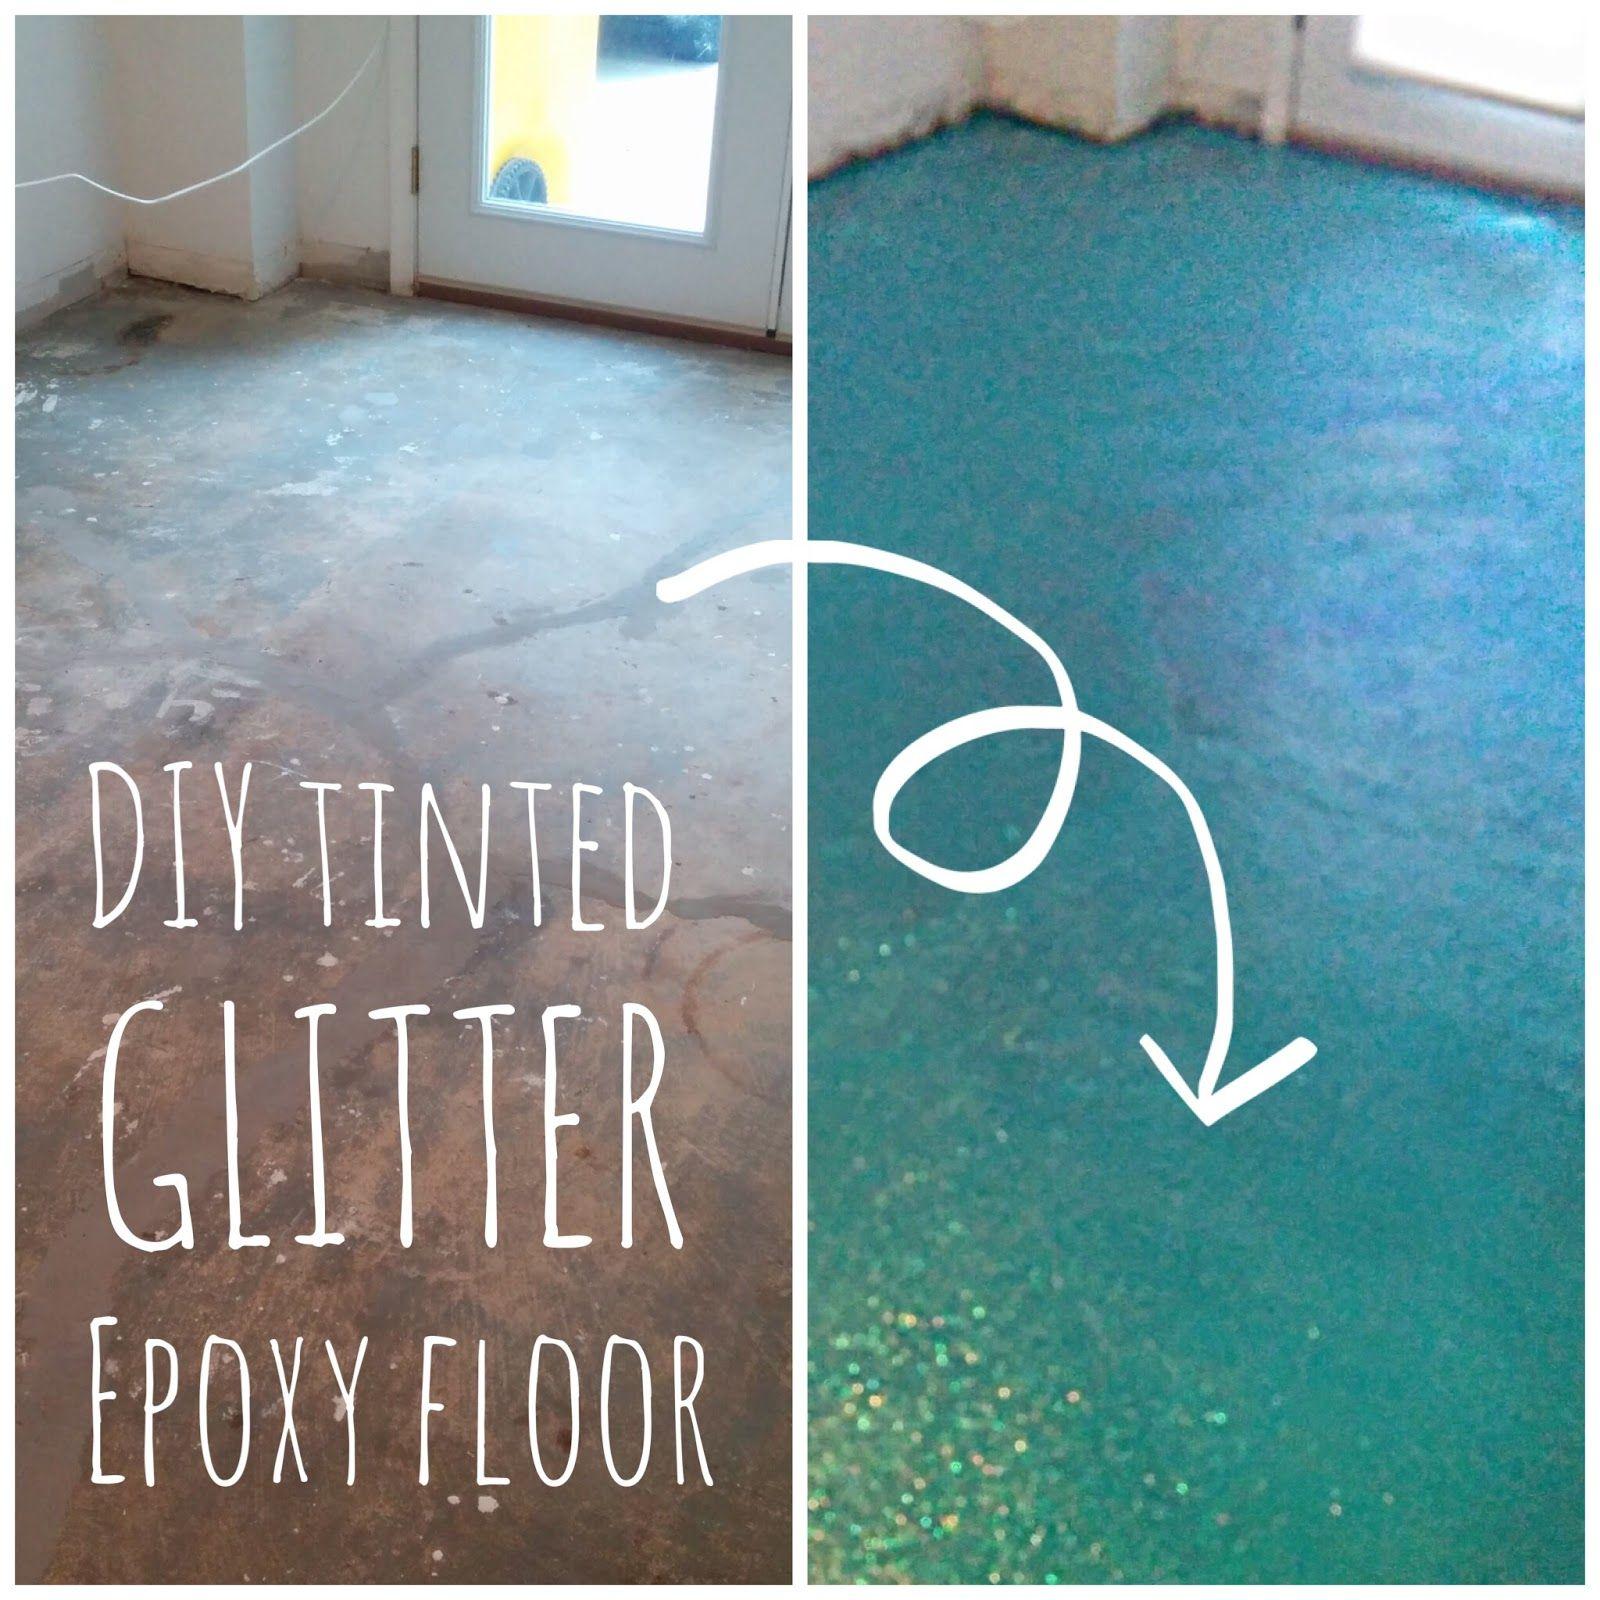 Glitter Epoxy Floor Epoxy Floor Diy Epoxy Floor Diy Flooring